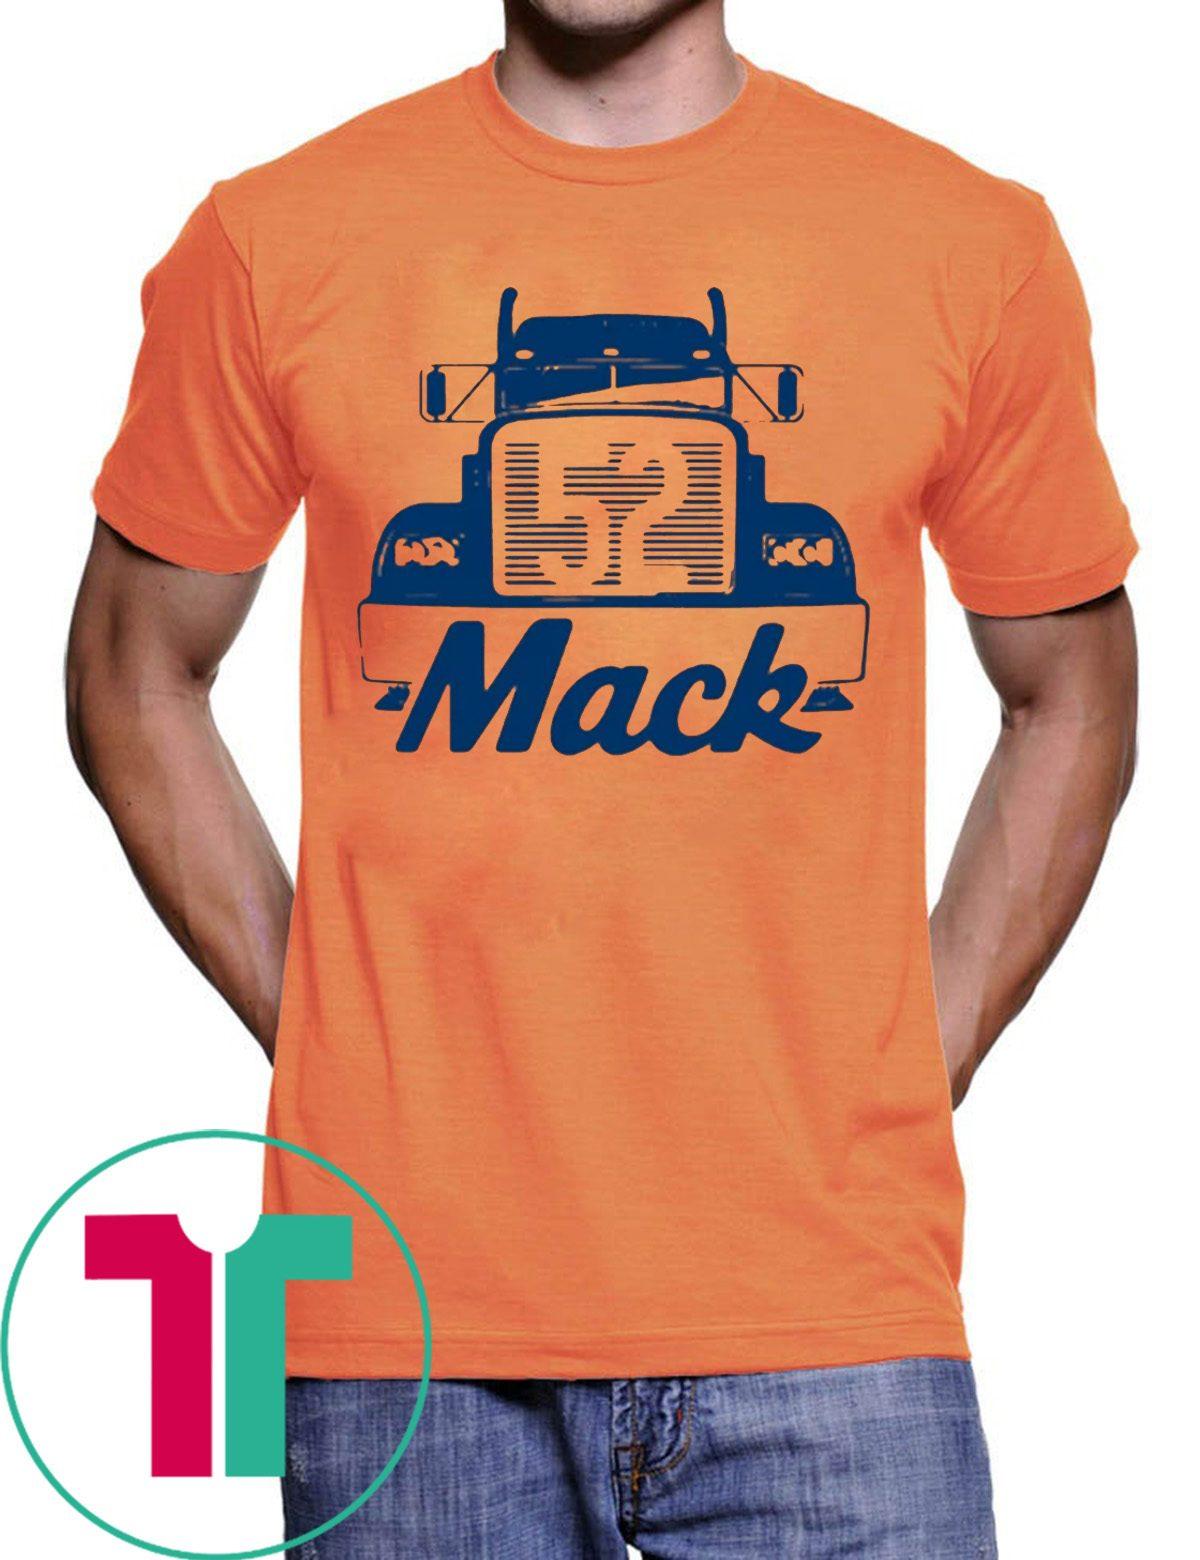 timeless design 968ce 7068b MACK TRUCK T-SHIRT KHALIL MACK - CHICAGO BEARS TEE SHIRT - OrderQuilt.com